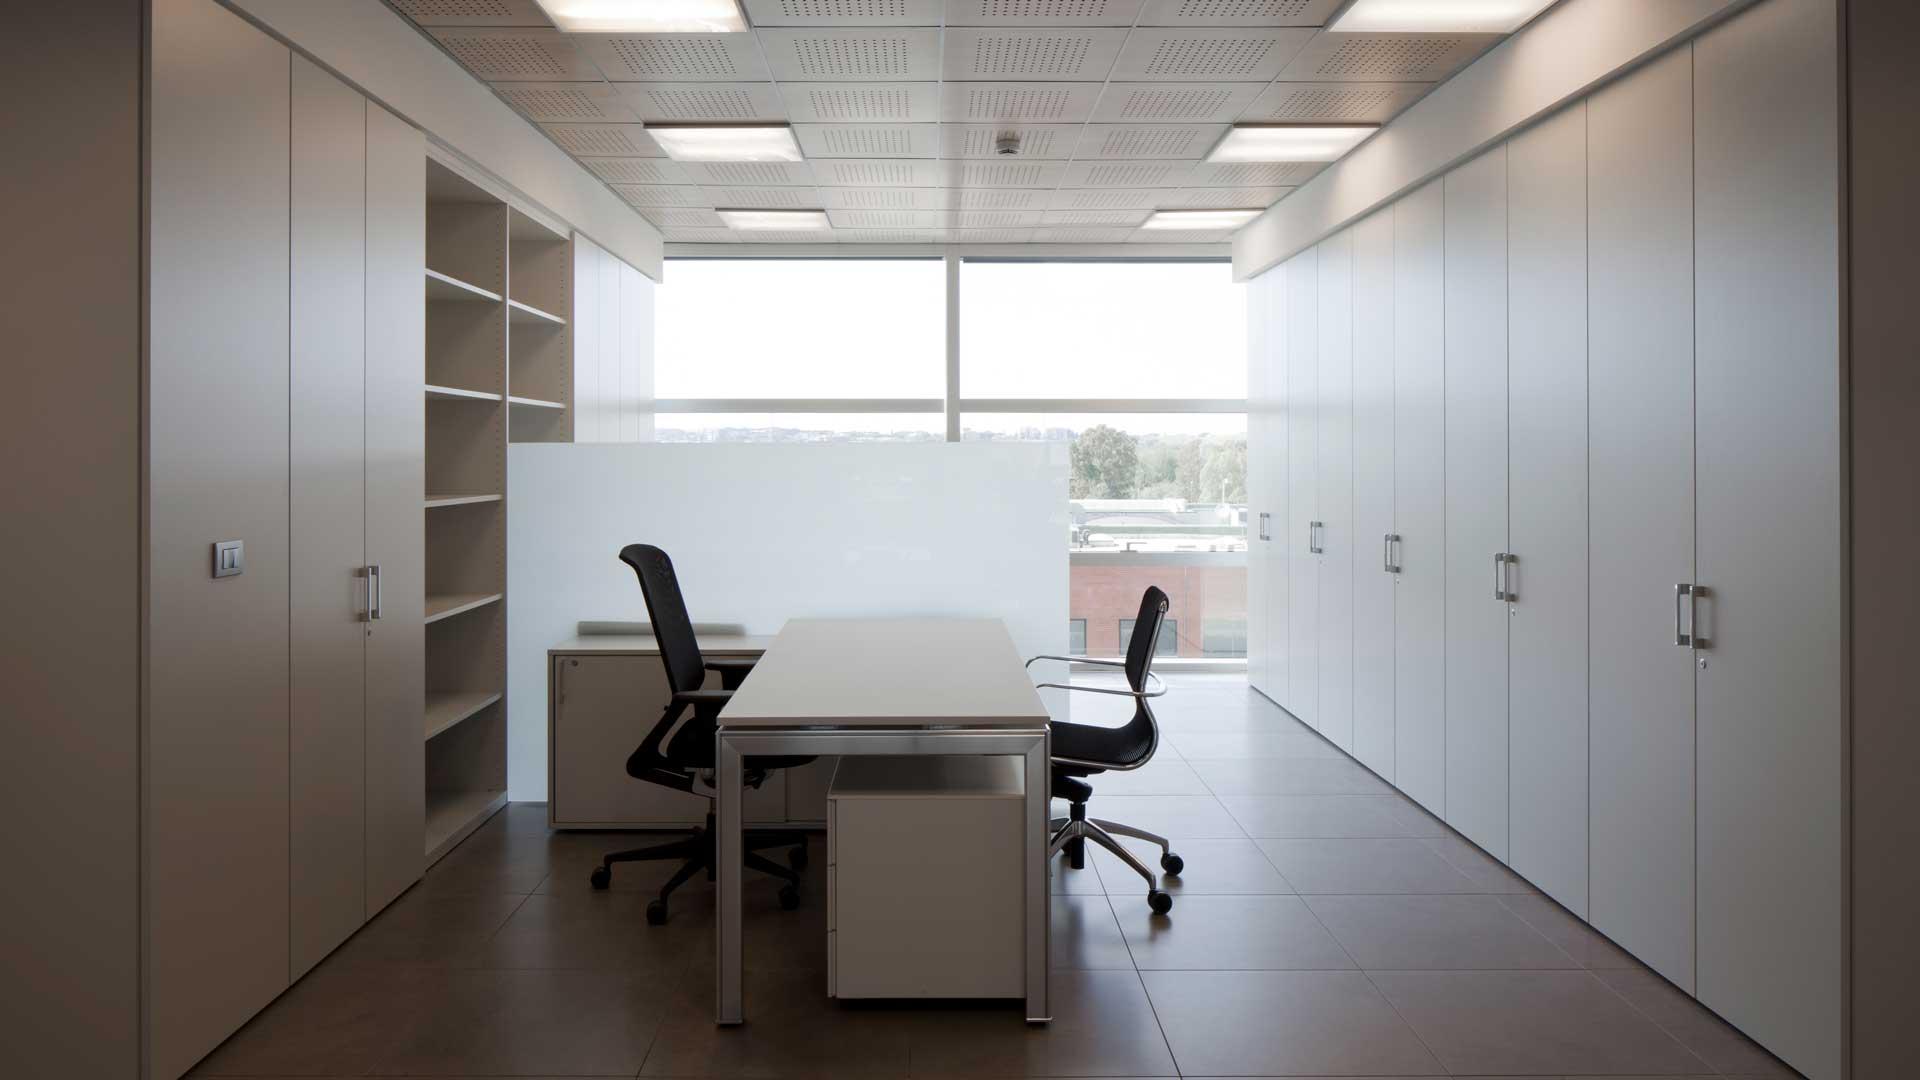 Armadiature-e-contenitori-ufficio-Level-Office-Landscape